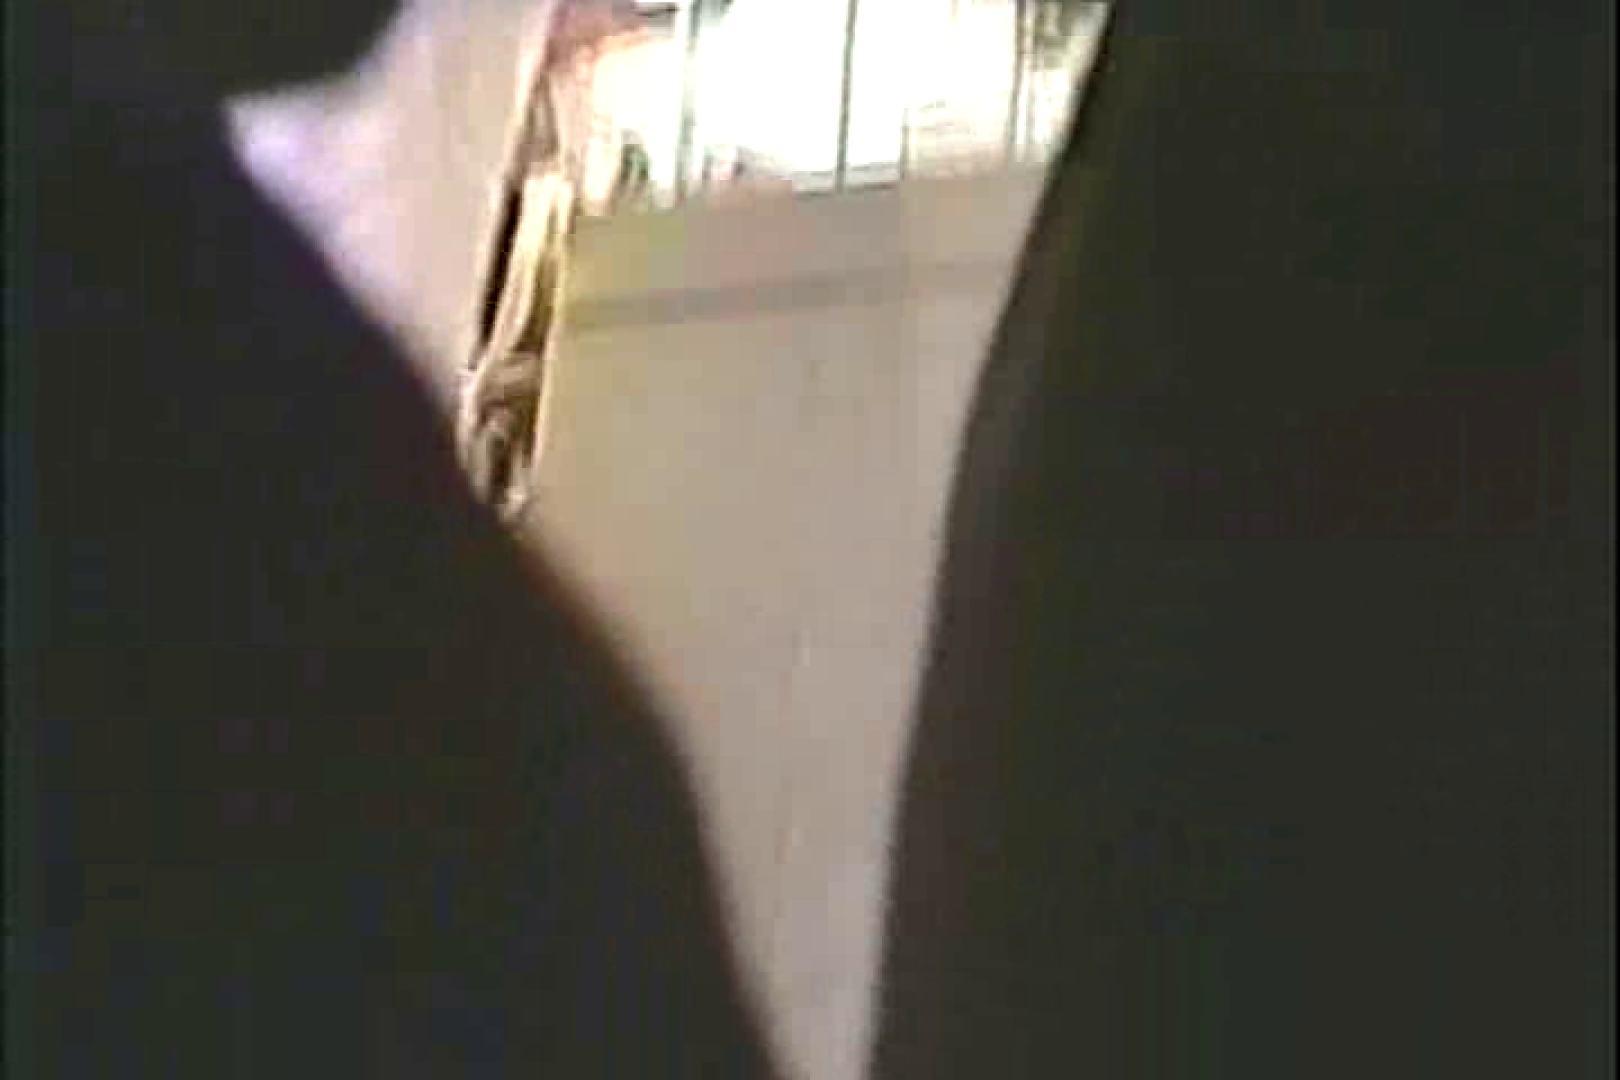 「ちくりん」さんのオリジナル未編集パンチラVol.3_01 レースクイーン   パンチラハメ撮り  40pic 23